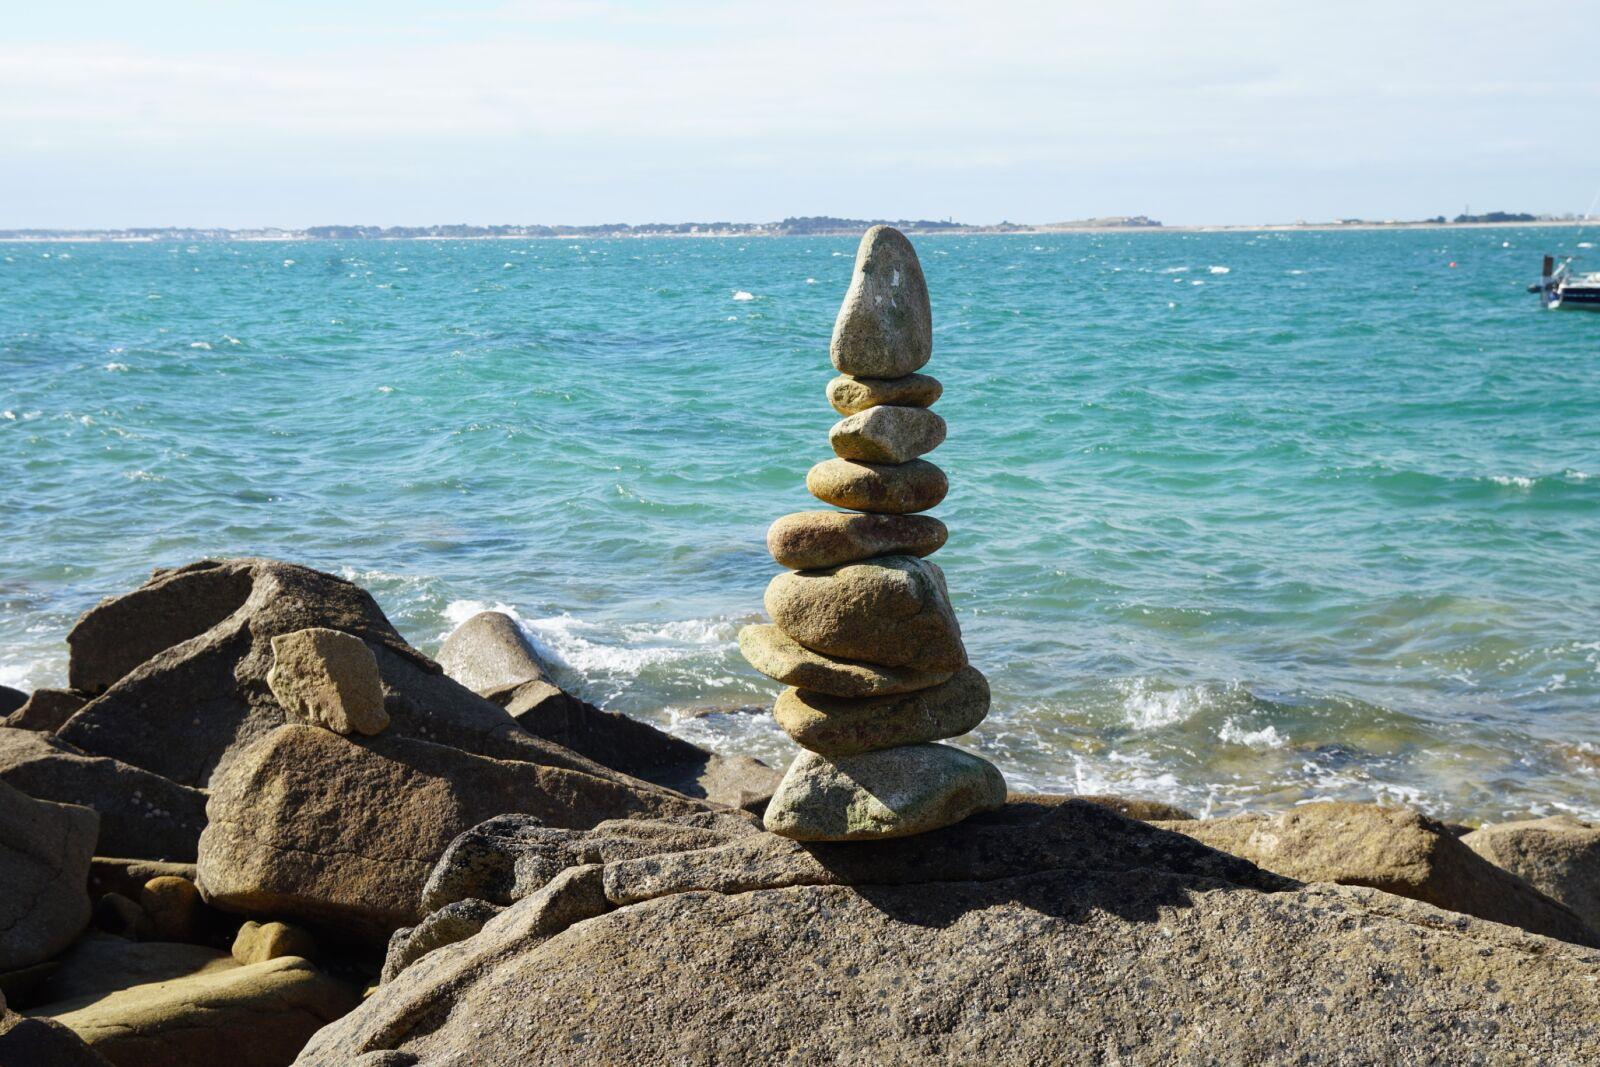 """Sony a6500 sample photo. """"Sea, coast, cairn"""" photography"""